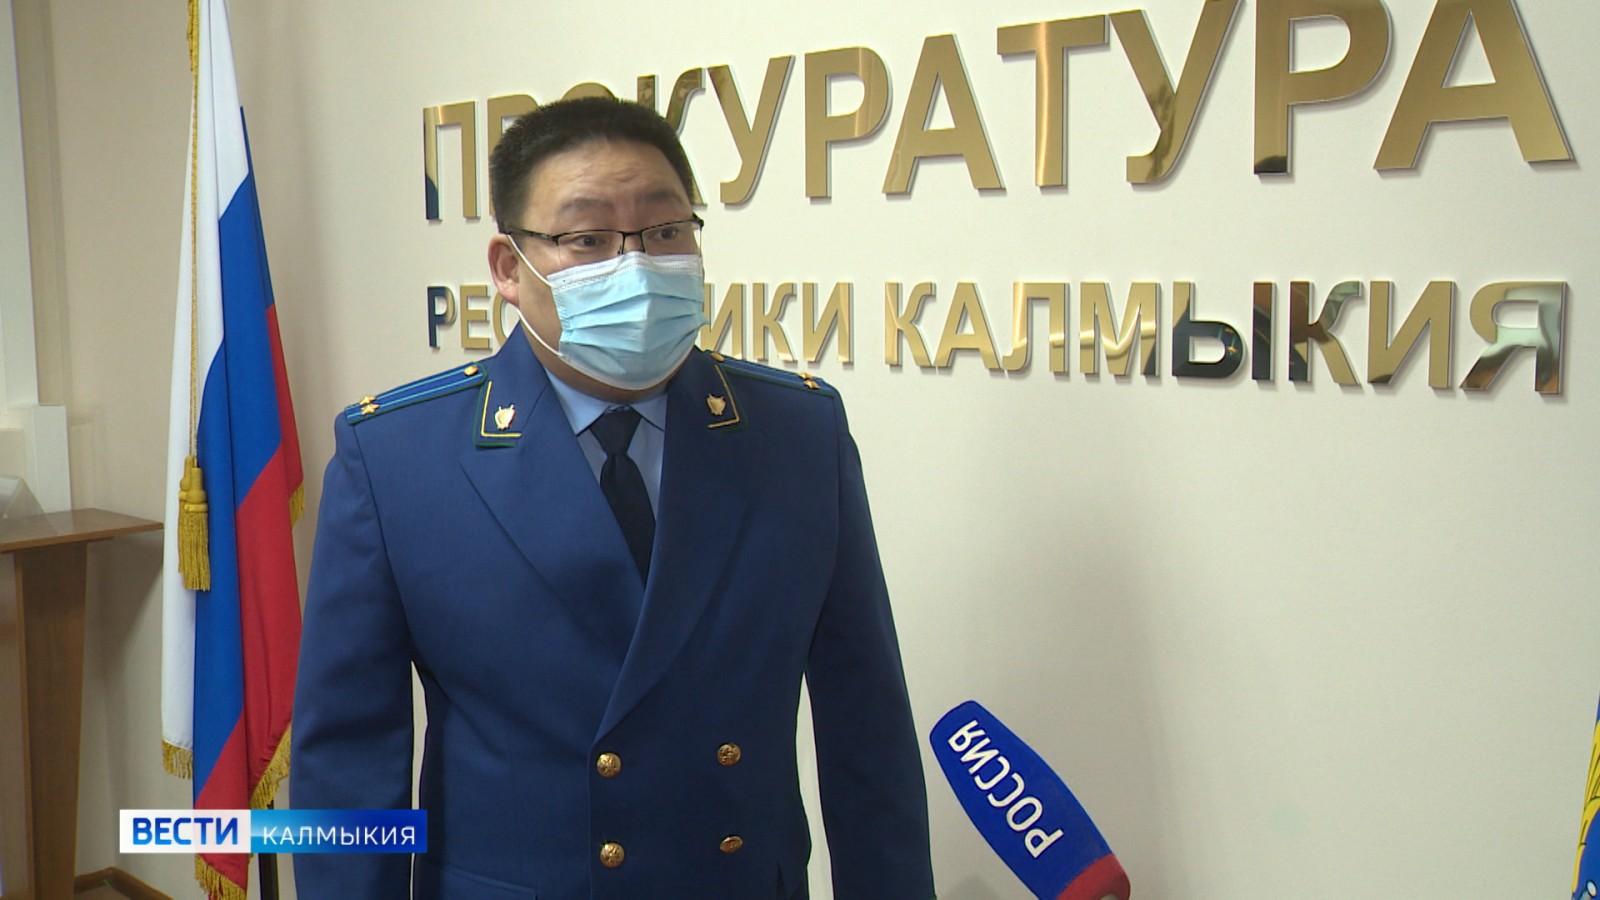 Глава сельского муниципалитета уволена в связи с утратой доверия по представлению прокурора Кетченеровского района